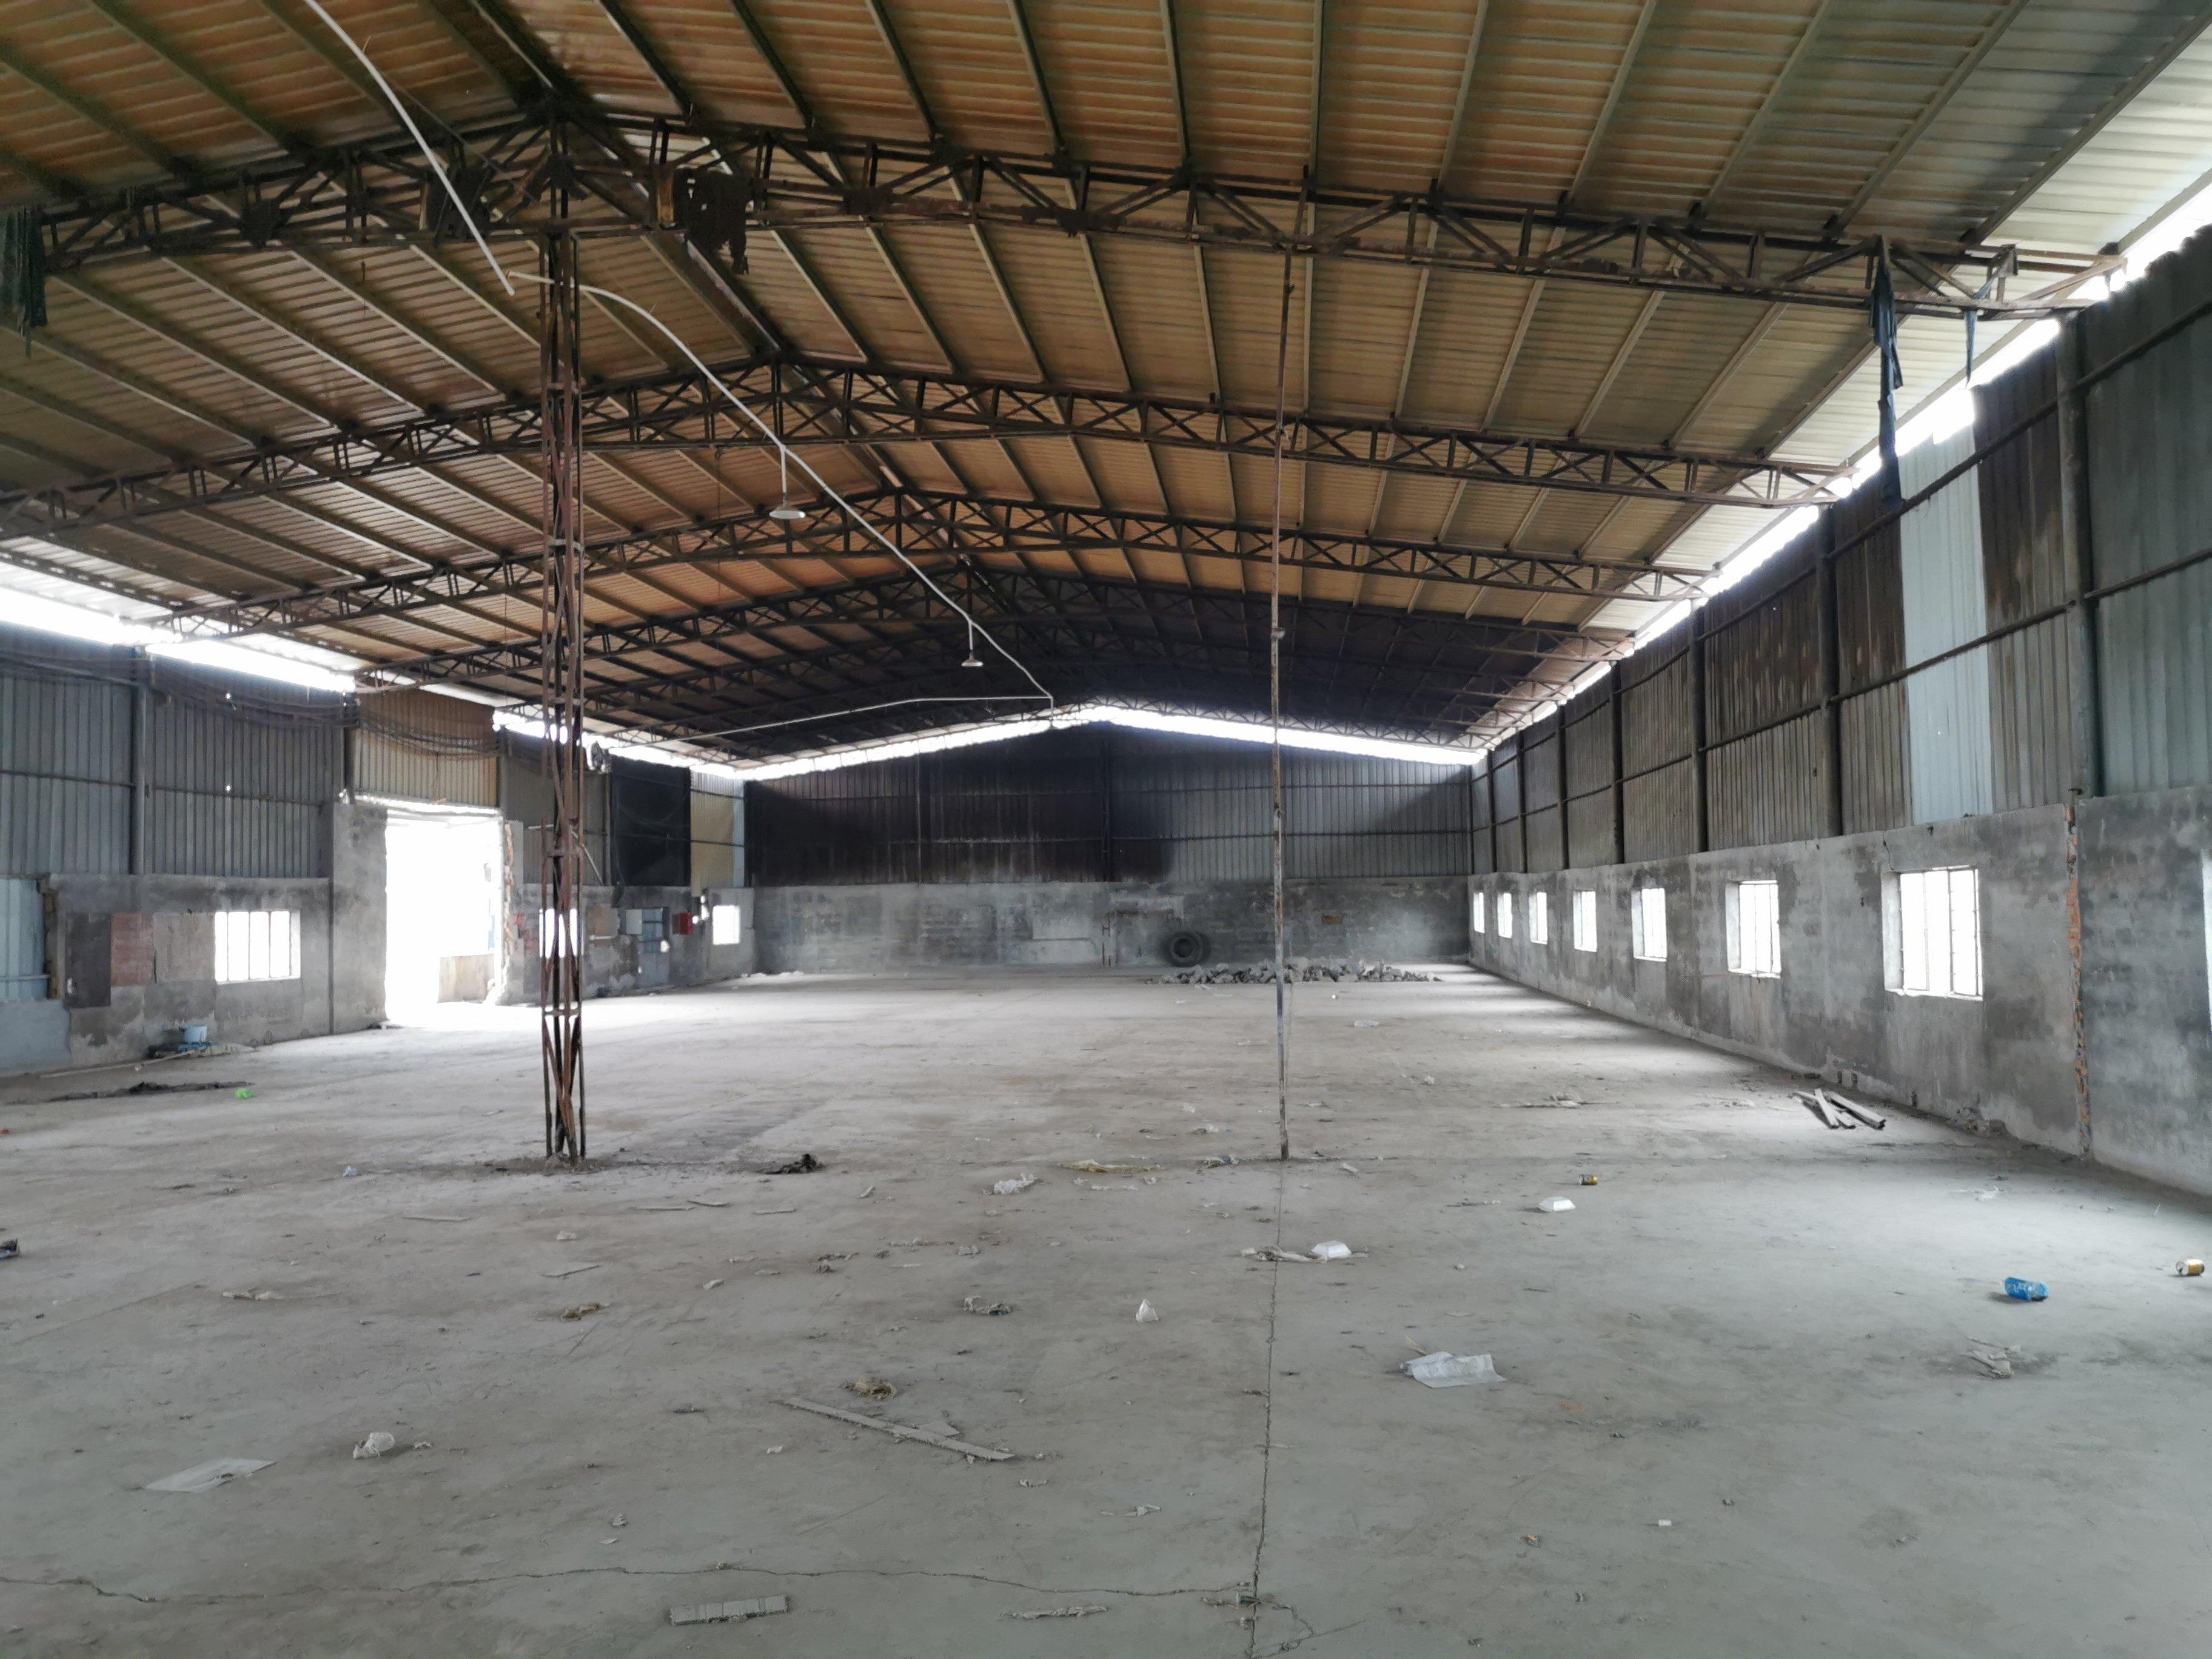 惠州市仲恺高新区新出原房东独院钢构厂房2500平米滴水7米